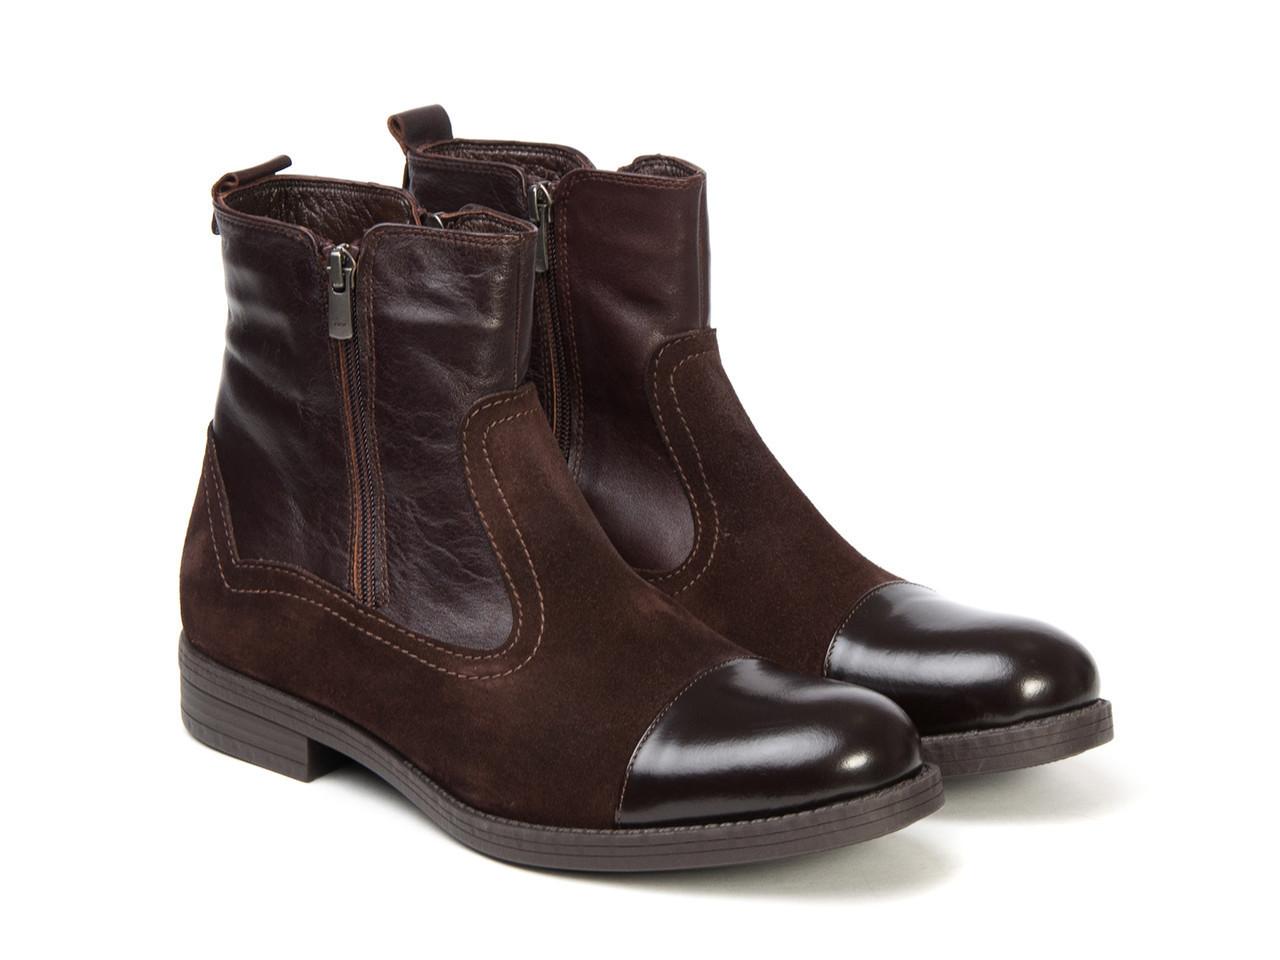 Сапоги  Etor 11969-7153 43 коричневые